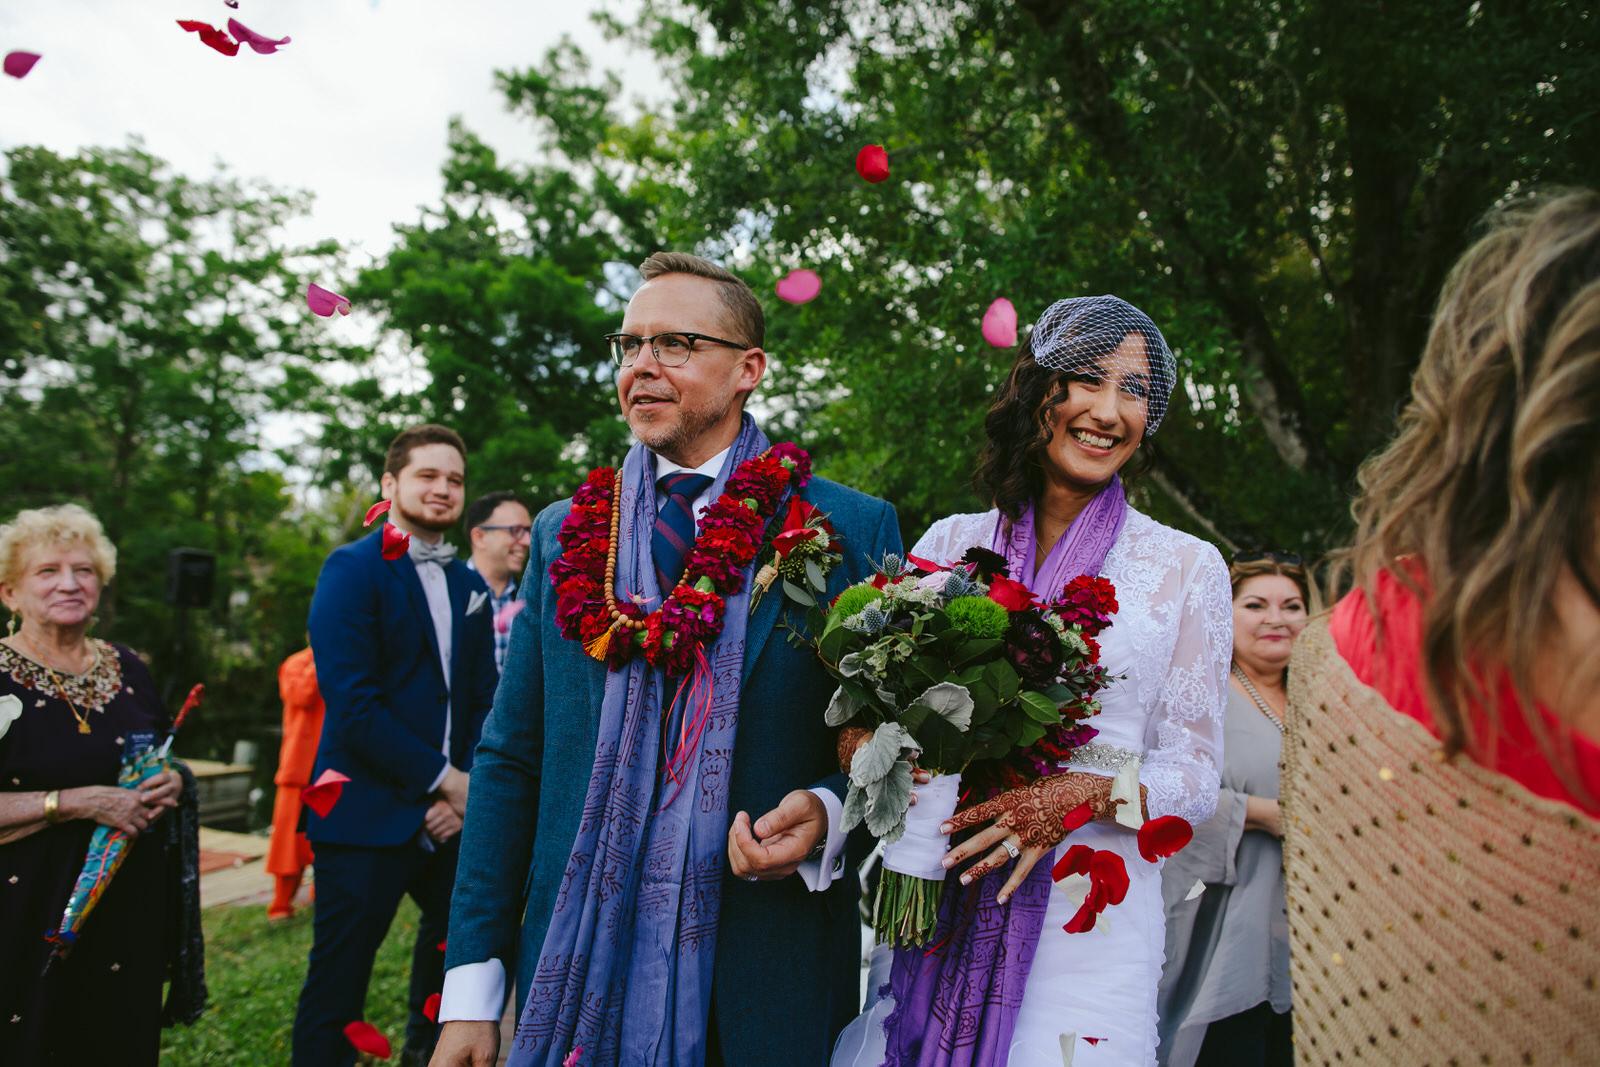 kashi-ashram-wedding-ceremony-flower-bombs.jpg